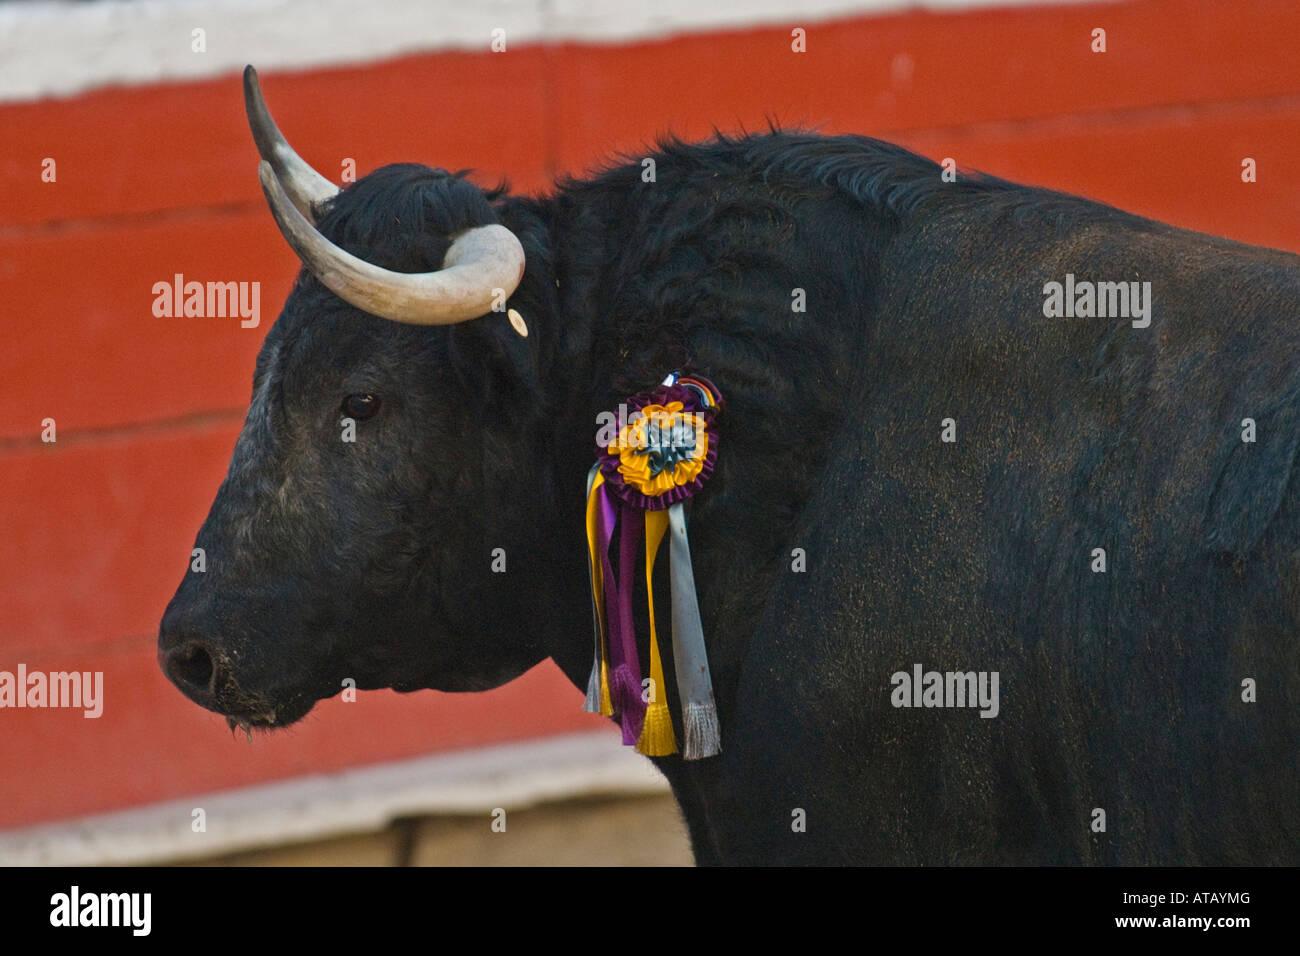 Un taureau marque une pause au cours d'une corrida à Mexicali, Baja California, Mexique Banque D'Images